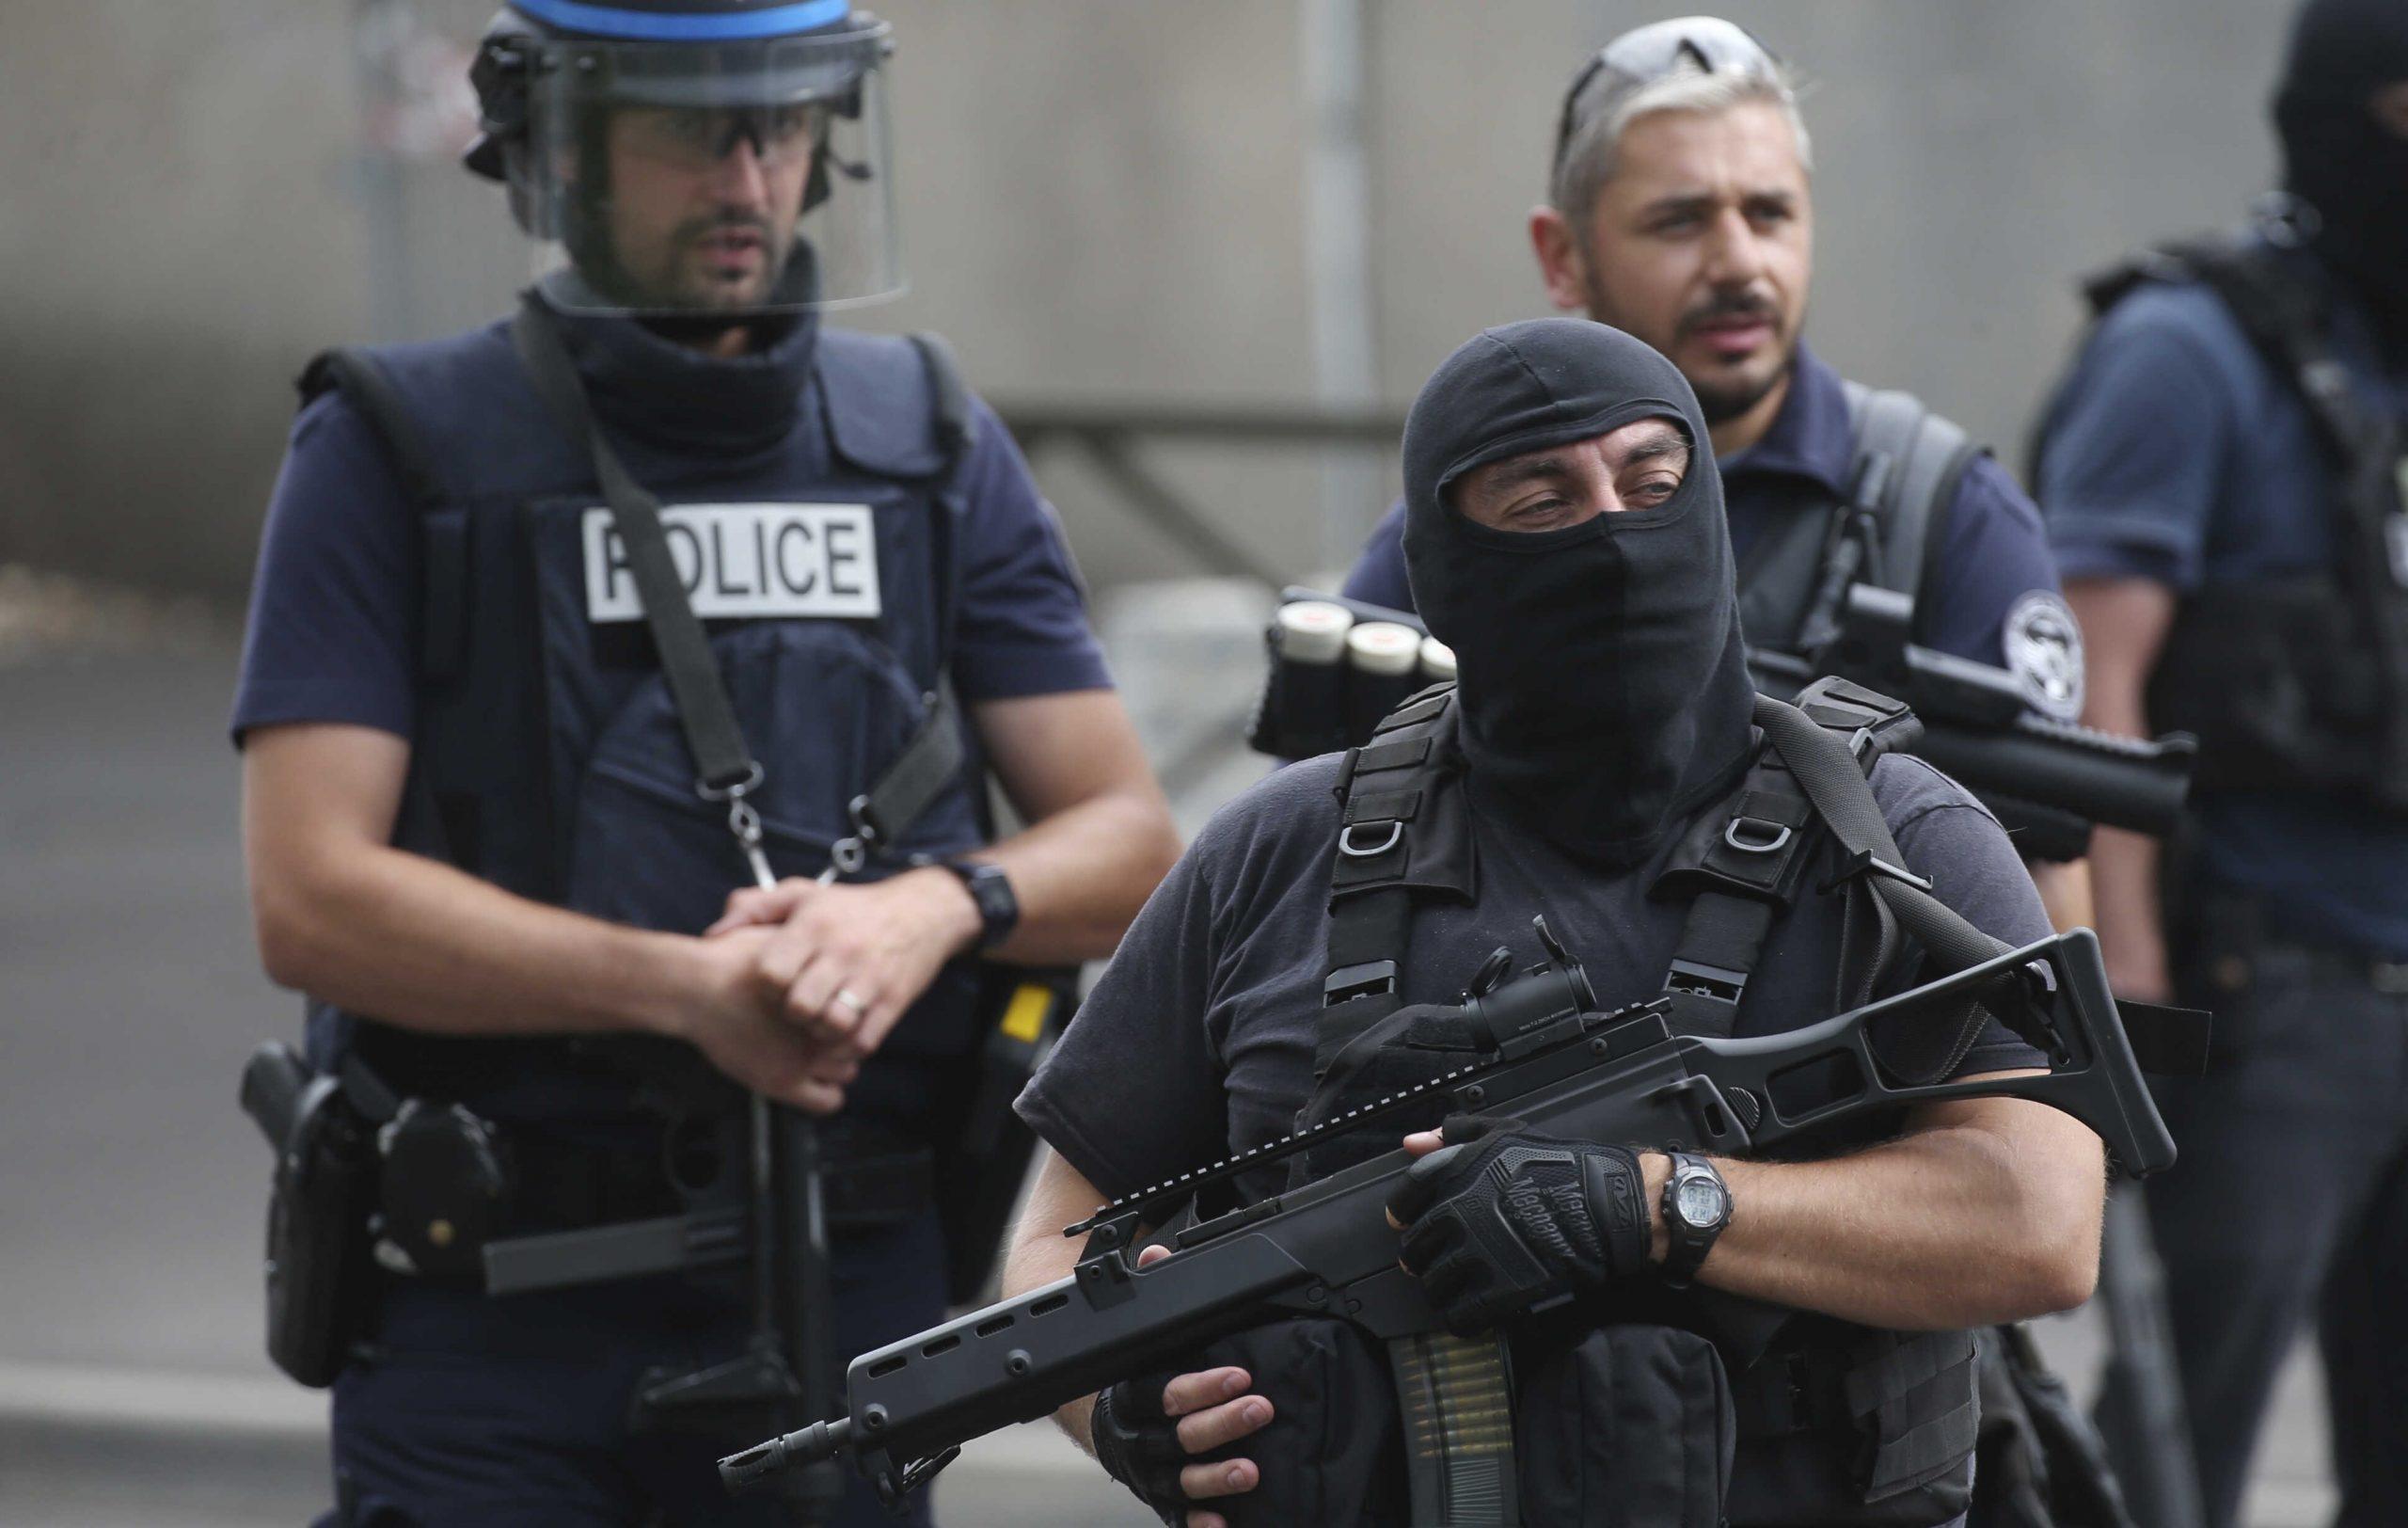 تنظيم داعش ـ مصادر التمويل وعرقلة عودة التنظيم